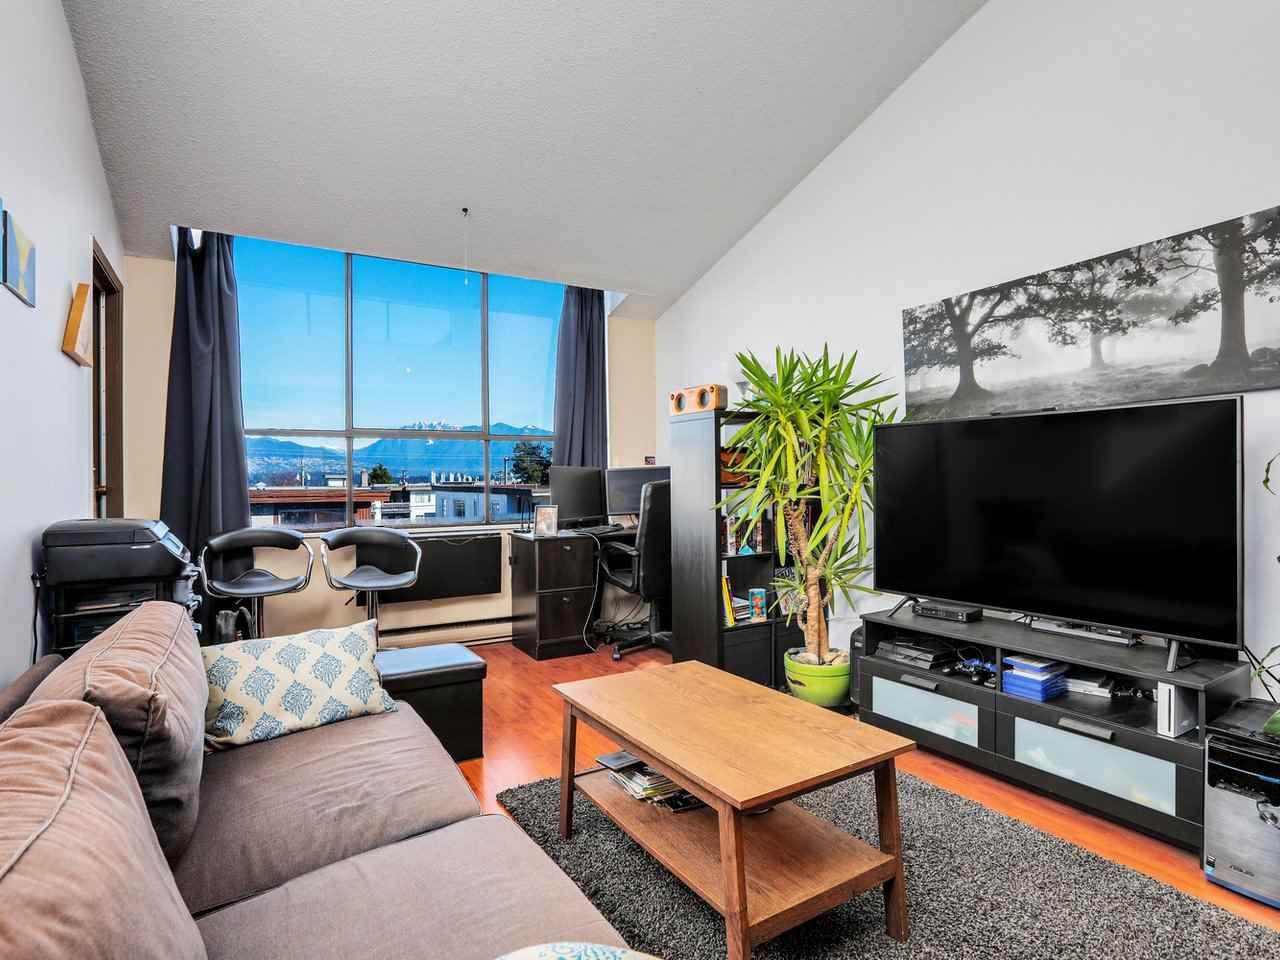 """Main Photo: 403 2173 W 6TH Avenue in Vancouver: Kitsilano Condo for sale in """"THE MALIBU"""" (Vancouver West)  : MLS®# R2470311"""